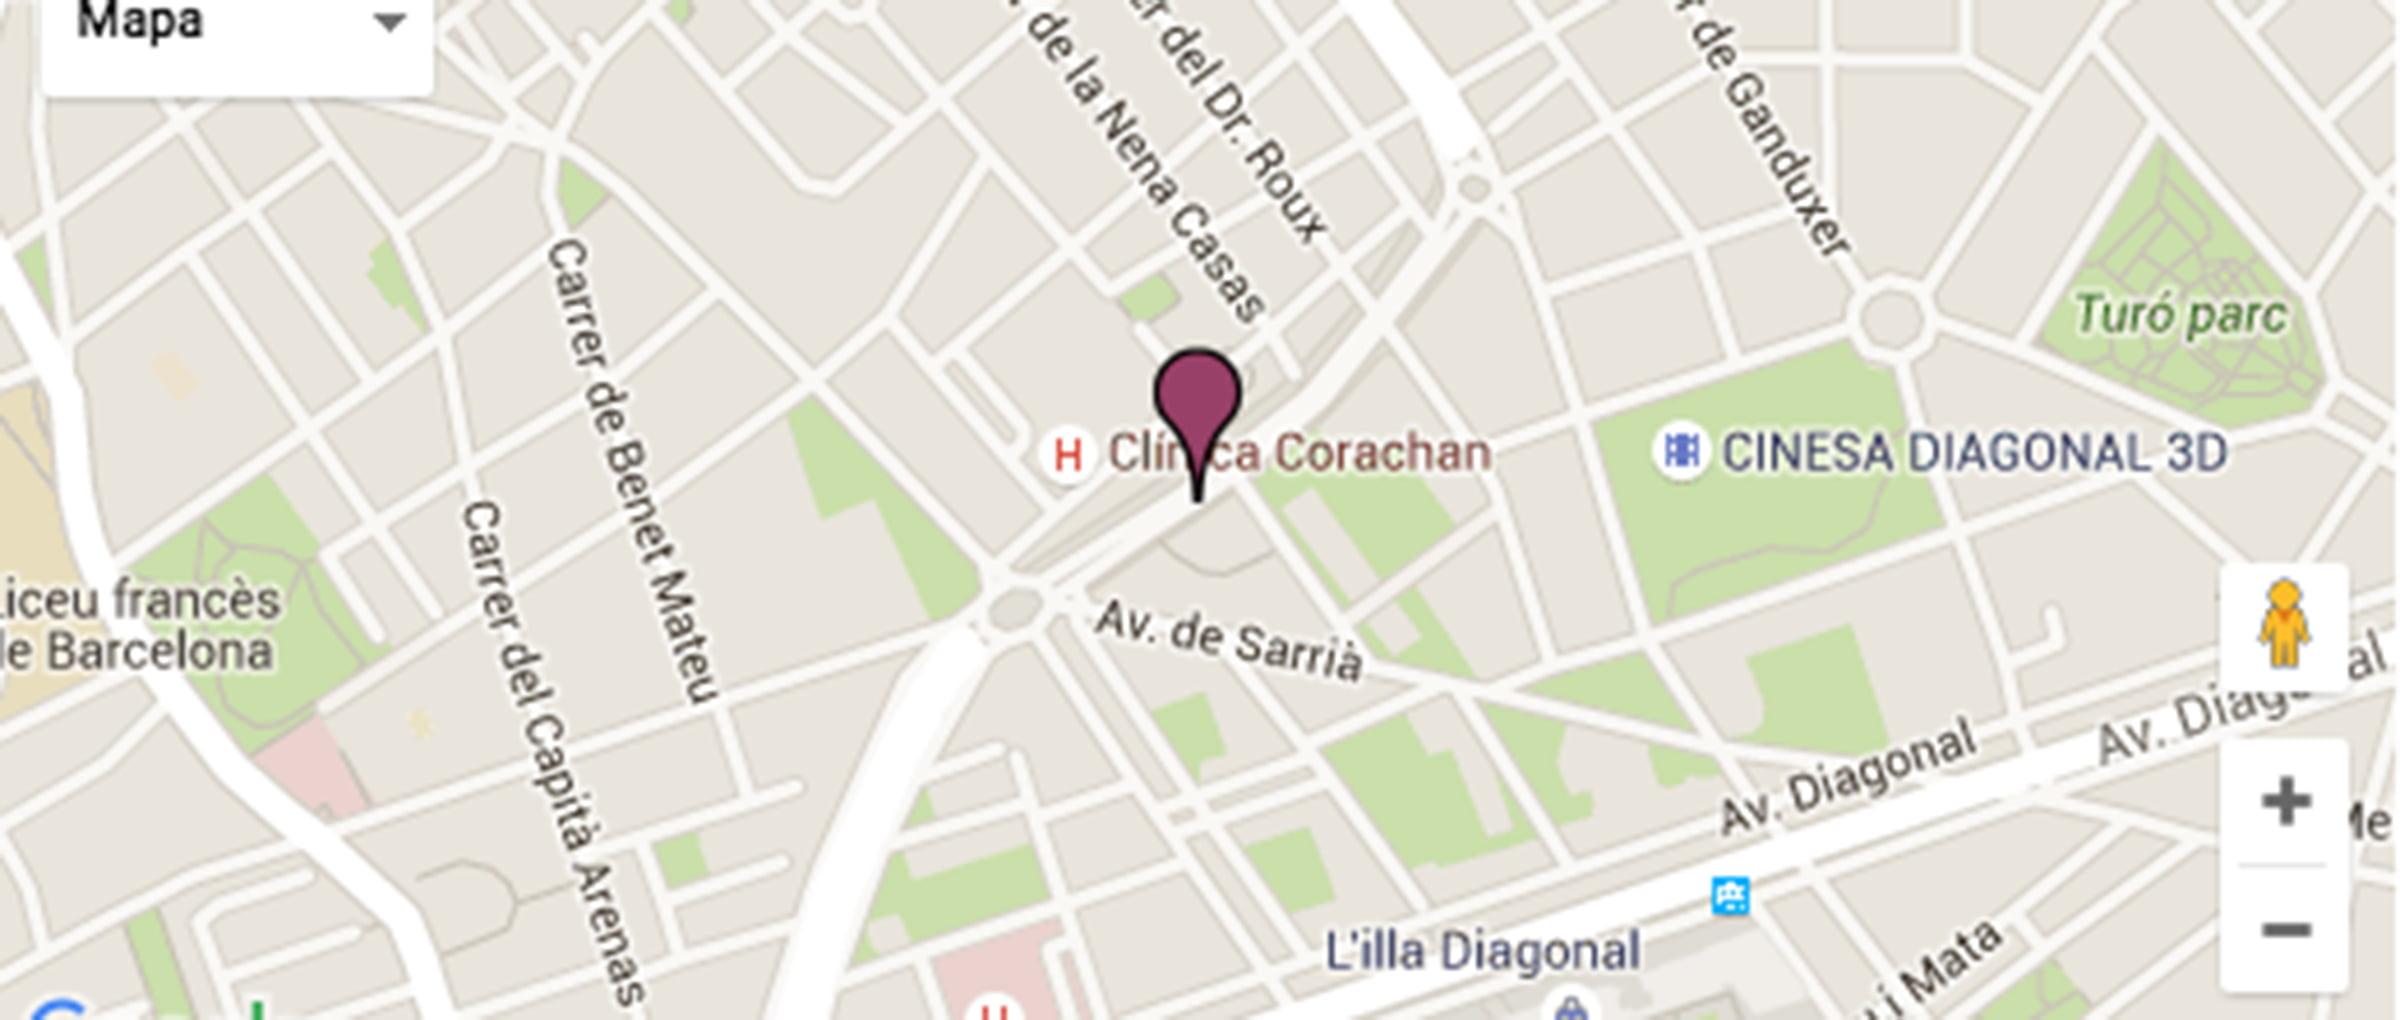 Clínicas de reproducción asistida en Barcelona